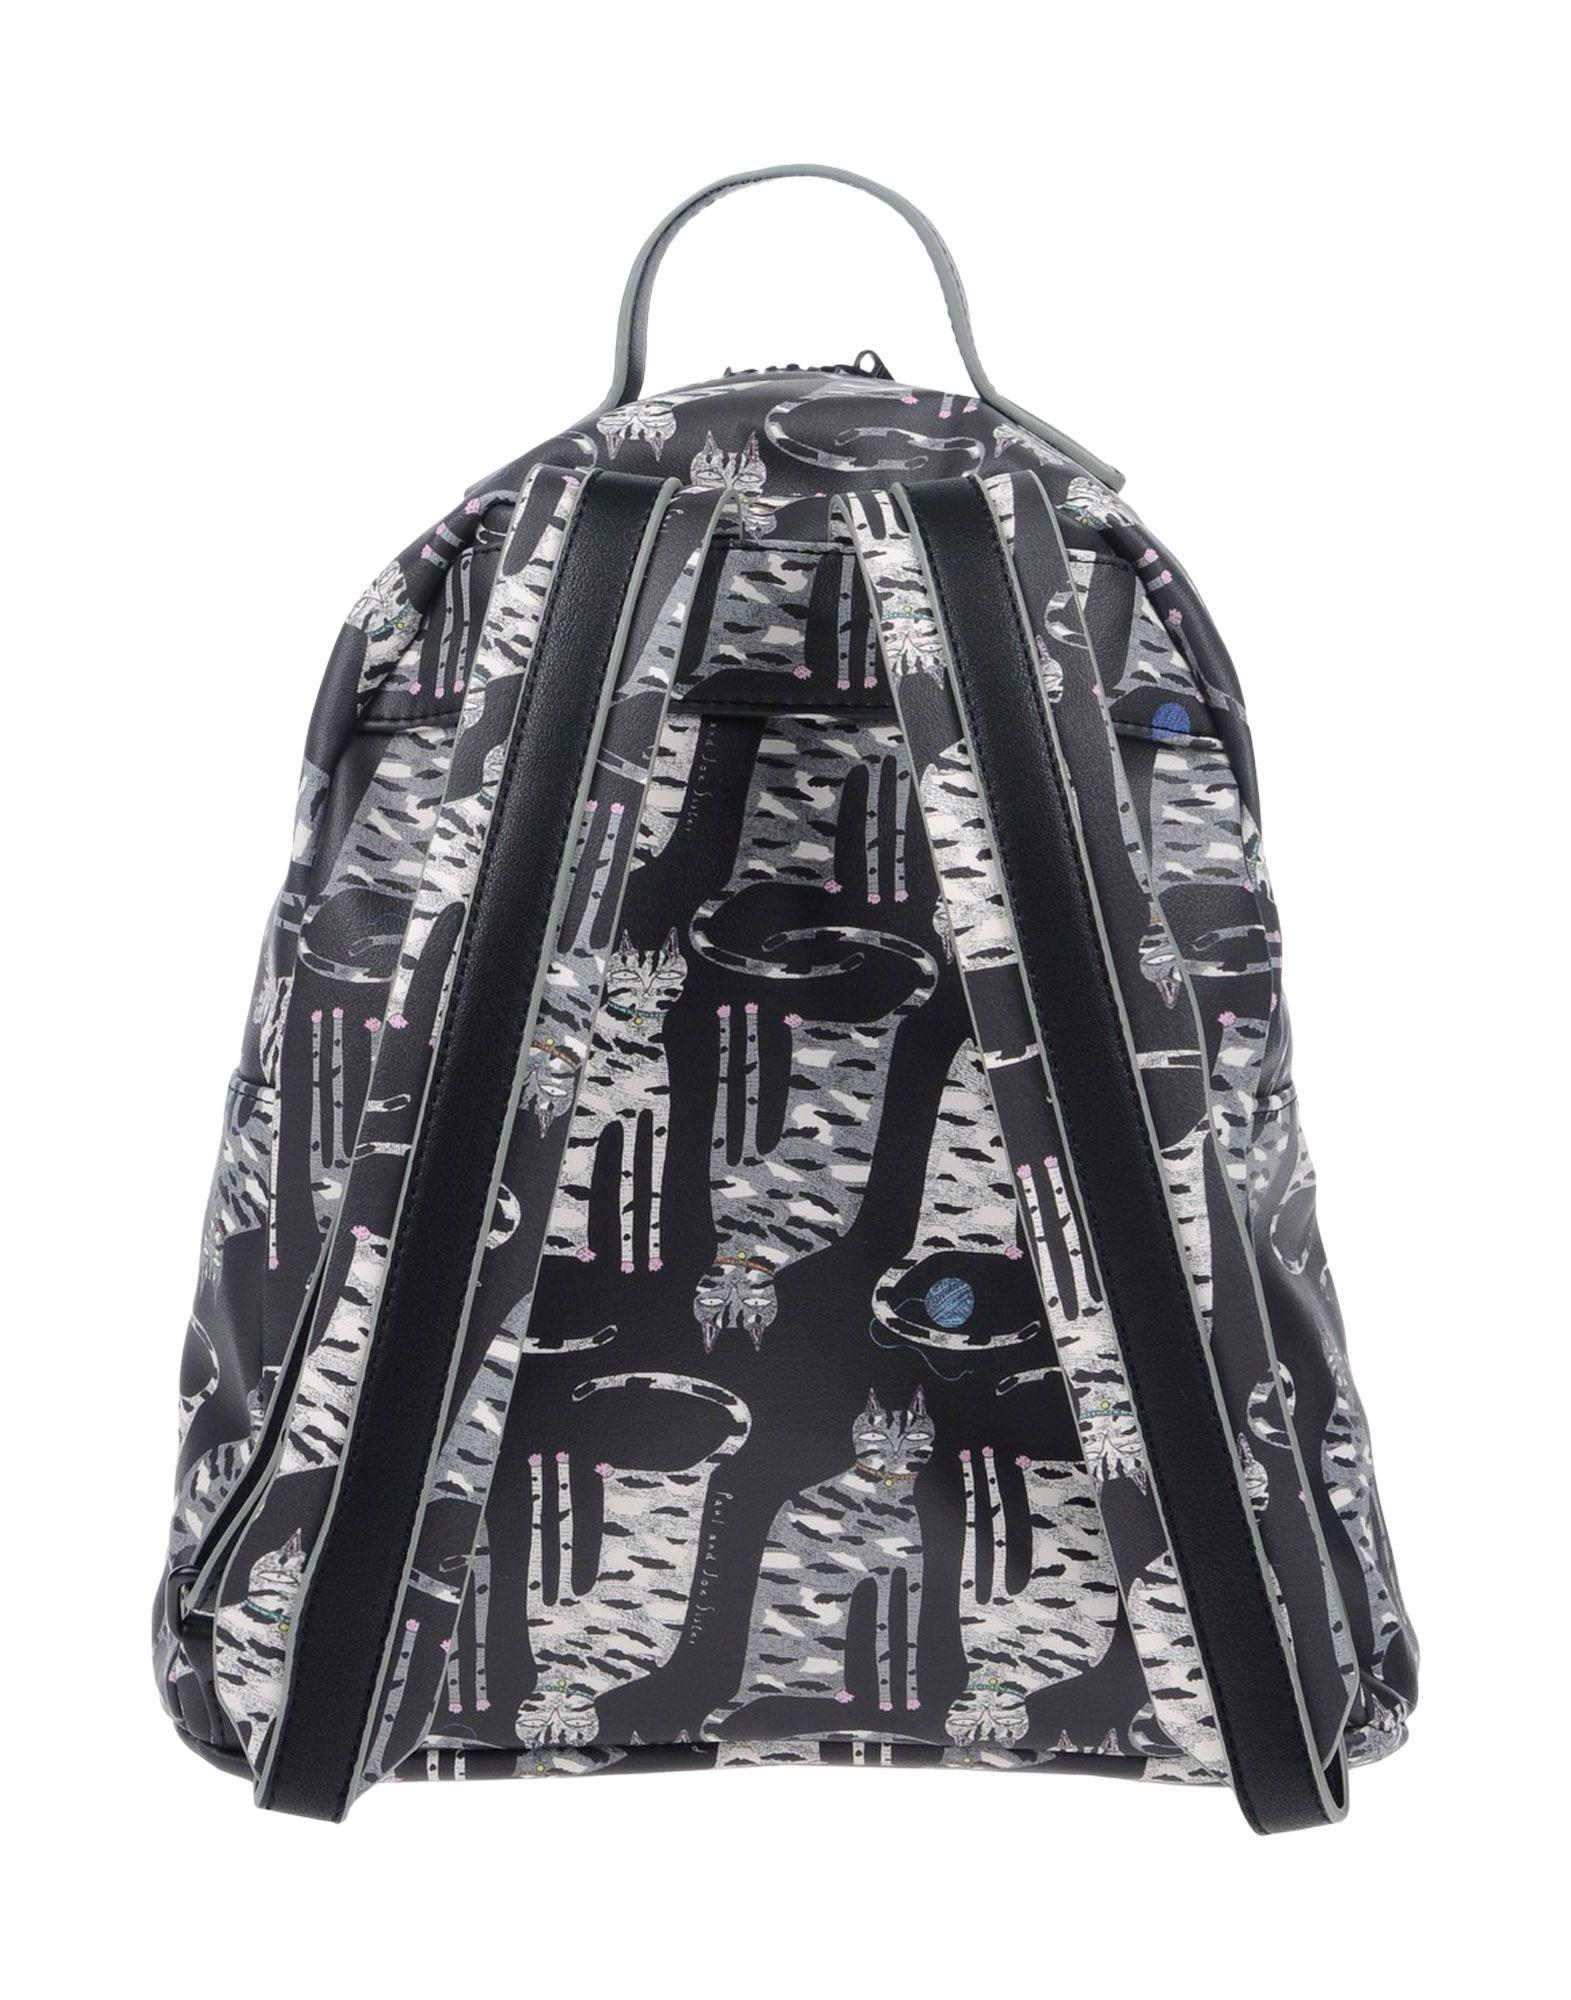 c44aa4aae9 Lyst - Paul   Joe Backpacks   Bum Bags in Black